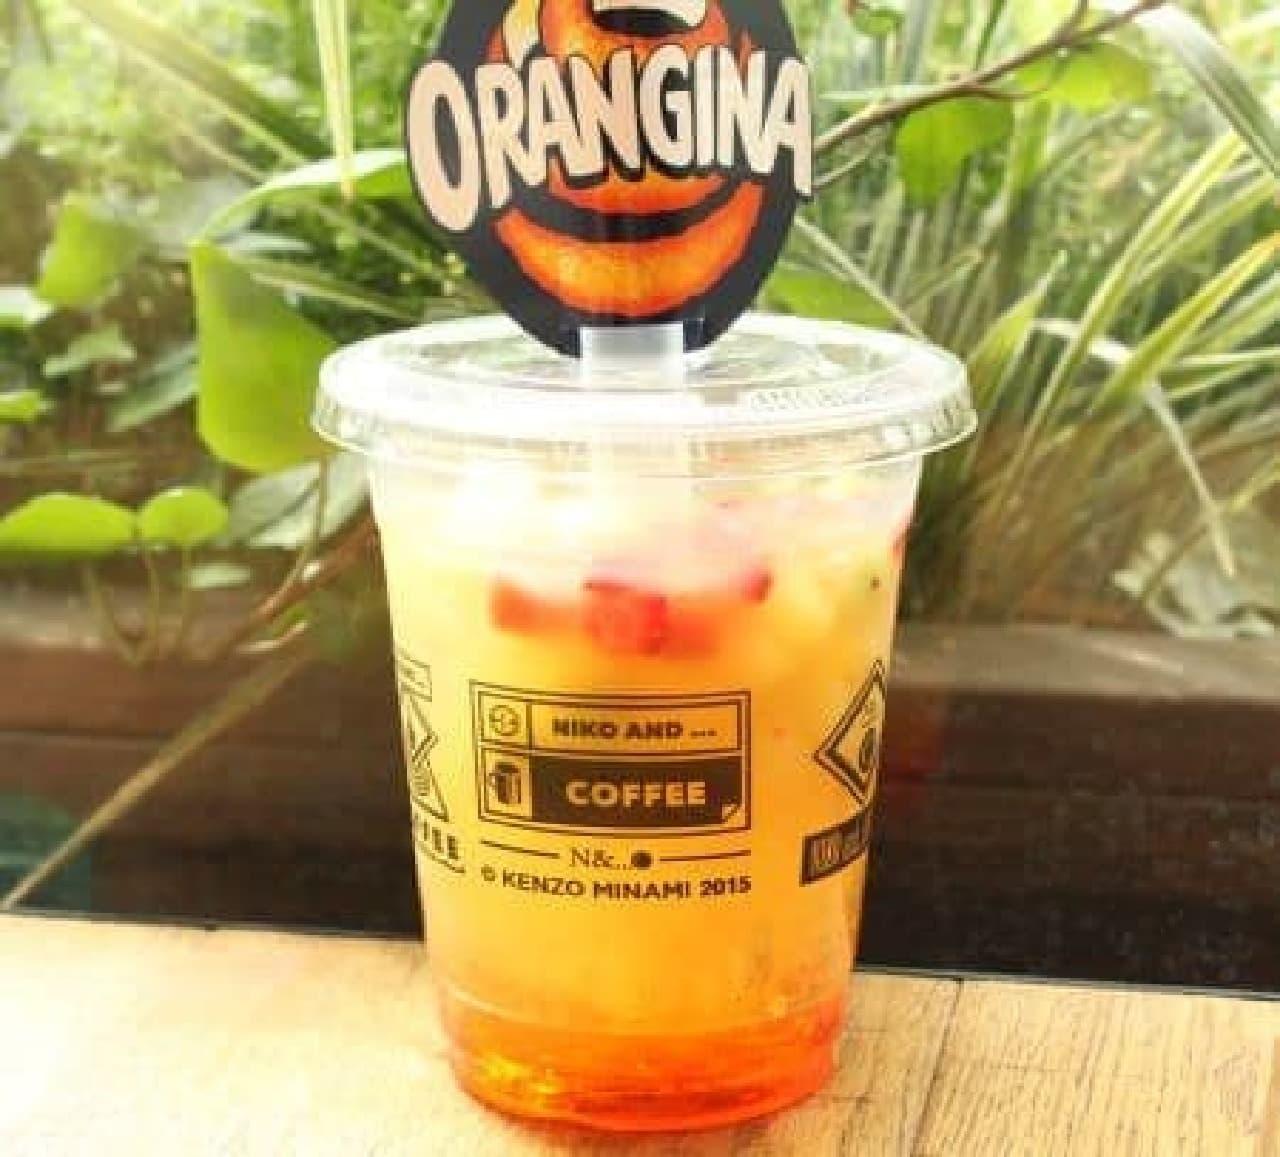 炭酸飲料「オランジーナ」とコラボレーションしたドリンク「アイスフルーツオランジーナ」